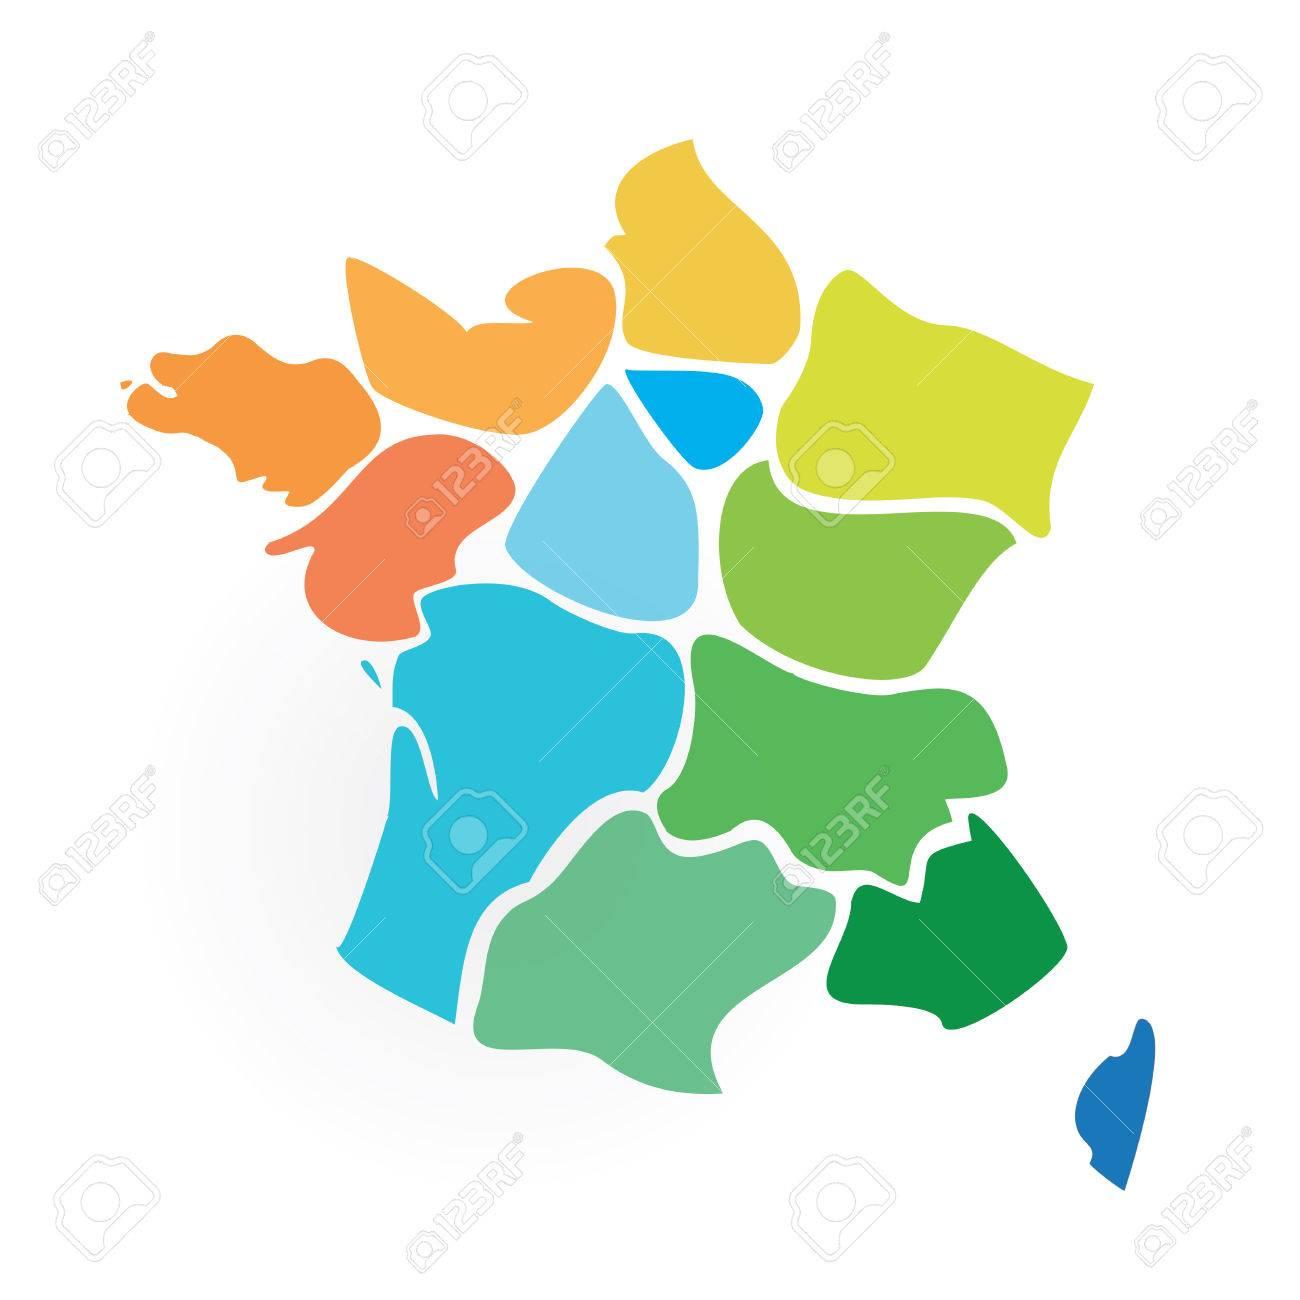 Resultat Carte Et Regions De France Clip Art Libres De Droits Vecteurs Et Illustration Image 69045945